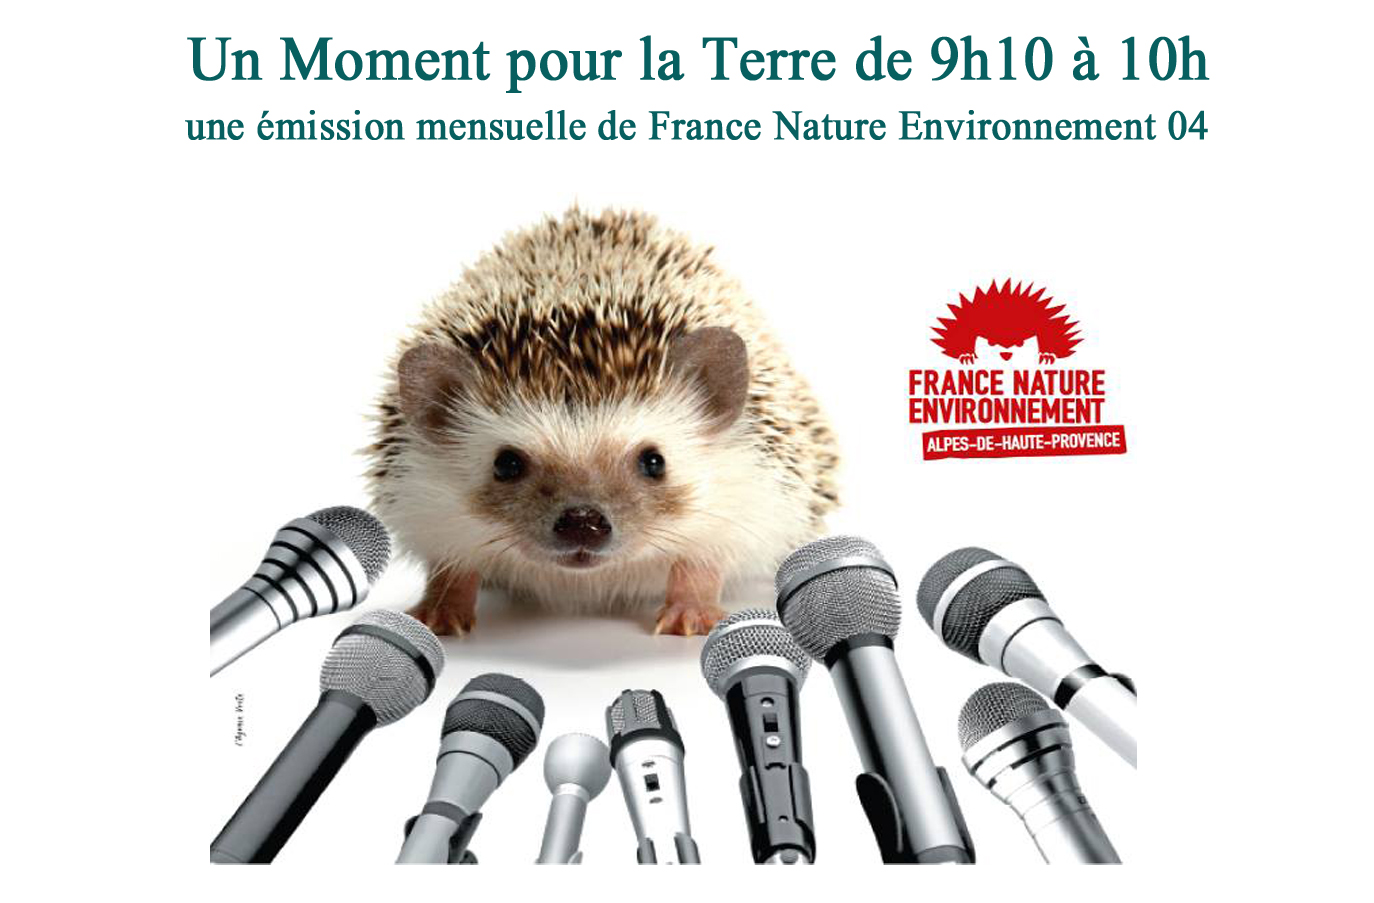 Un moment pour la terre avec France Nature Environnement - Protection des données informatiques et logiciels libres